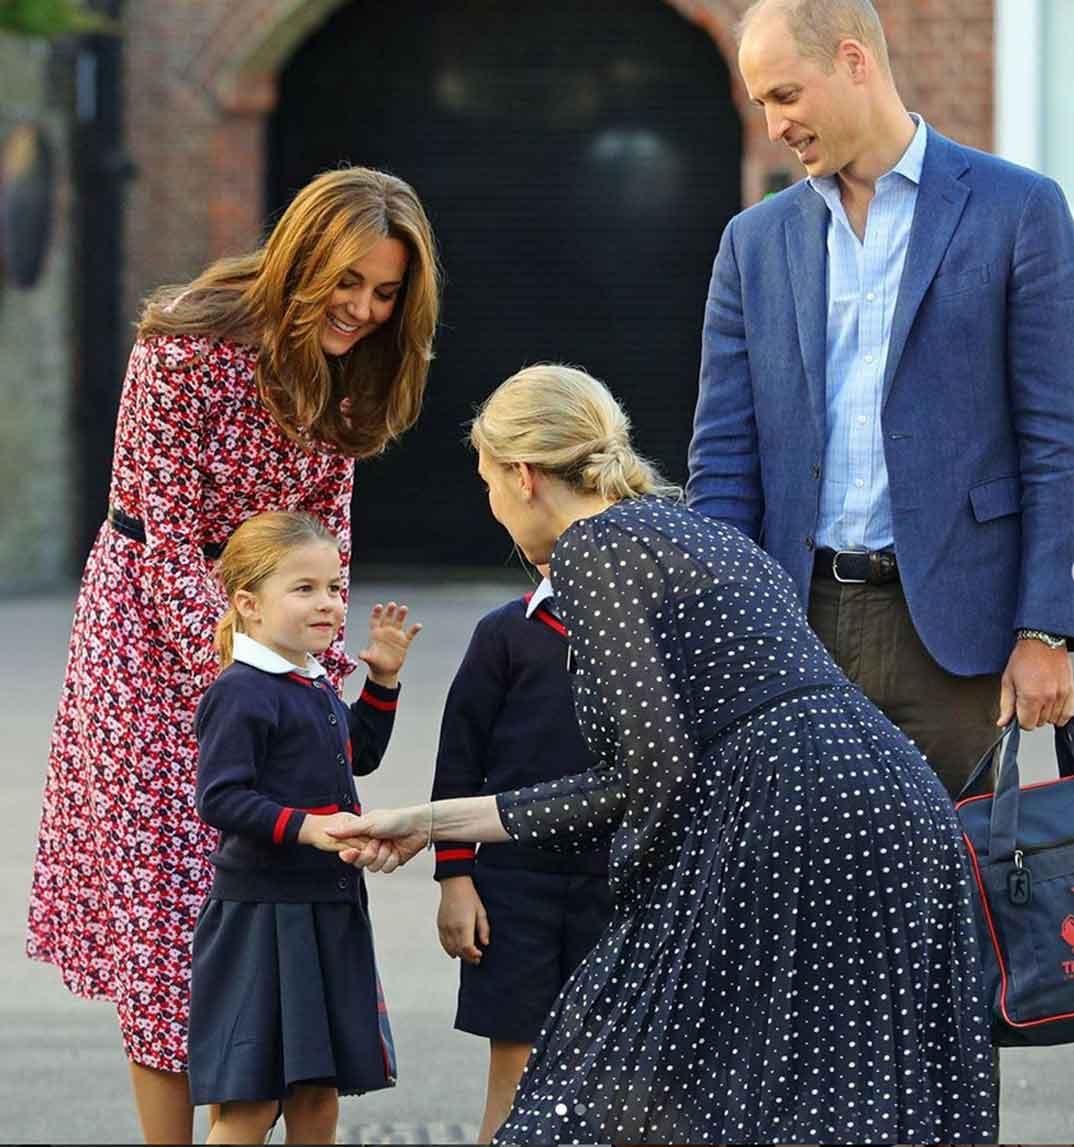 Los duques de Cambridge con sus hijos George y Charlotte © Kesingtonroyal/Instagram